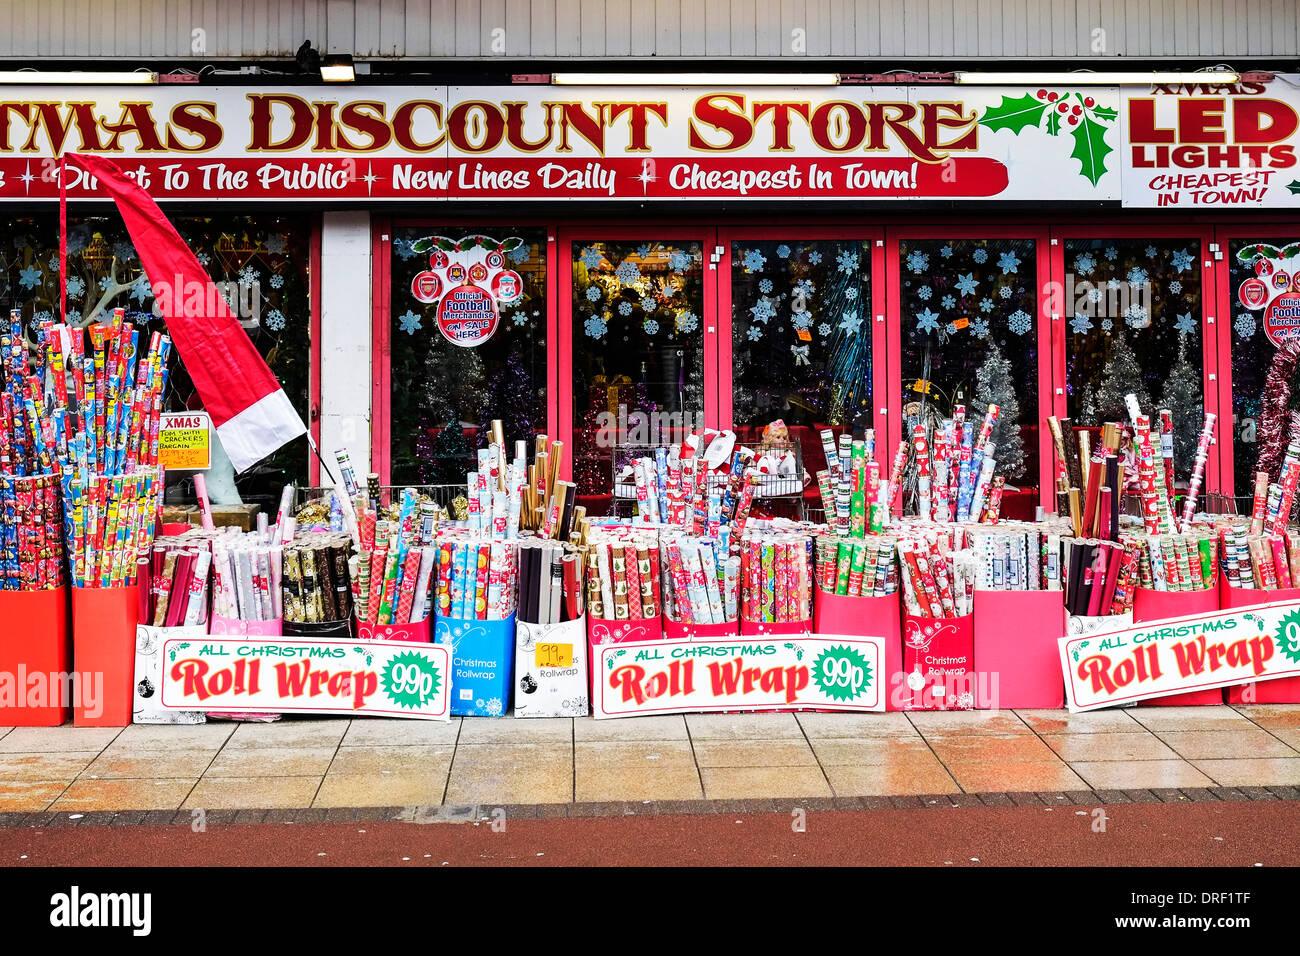 Rollos de papel de regalo de Navidad fuera de una tienda de descuento de Navidad. Imagen De Stock